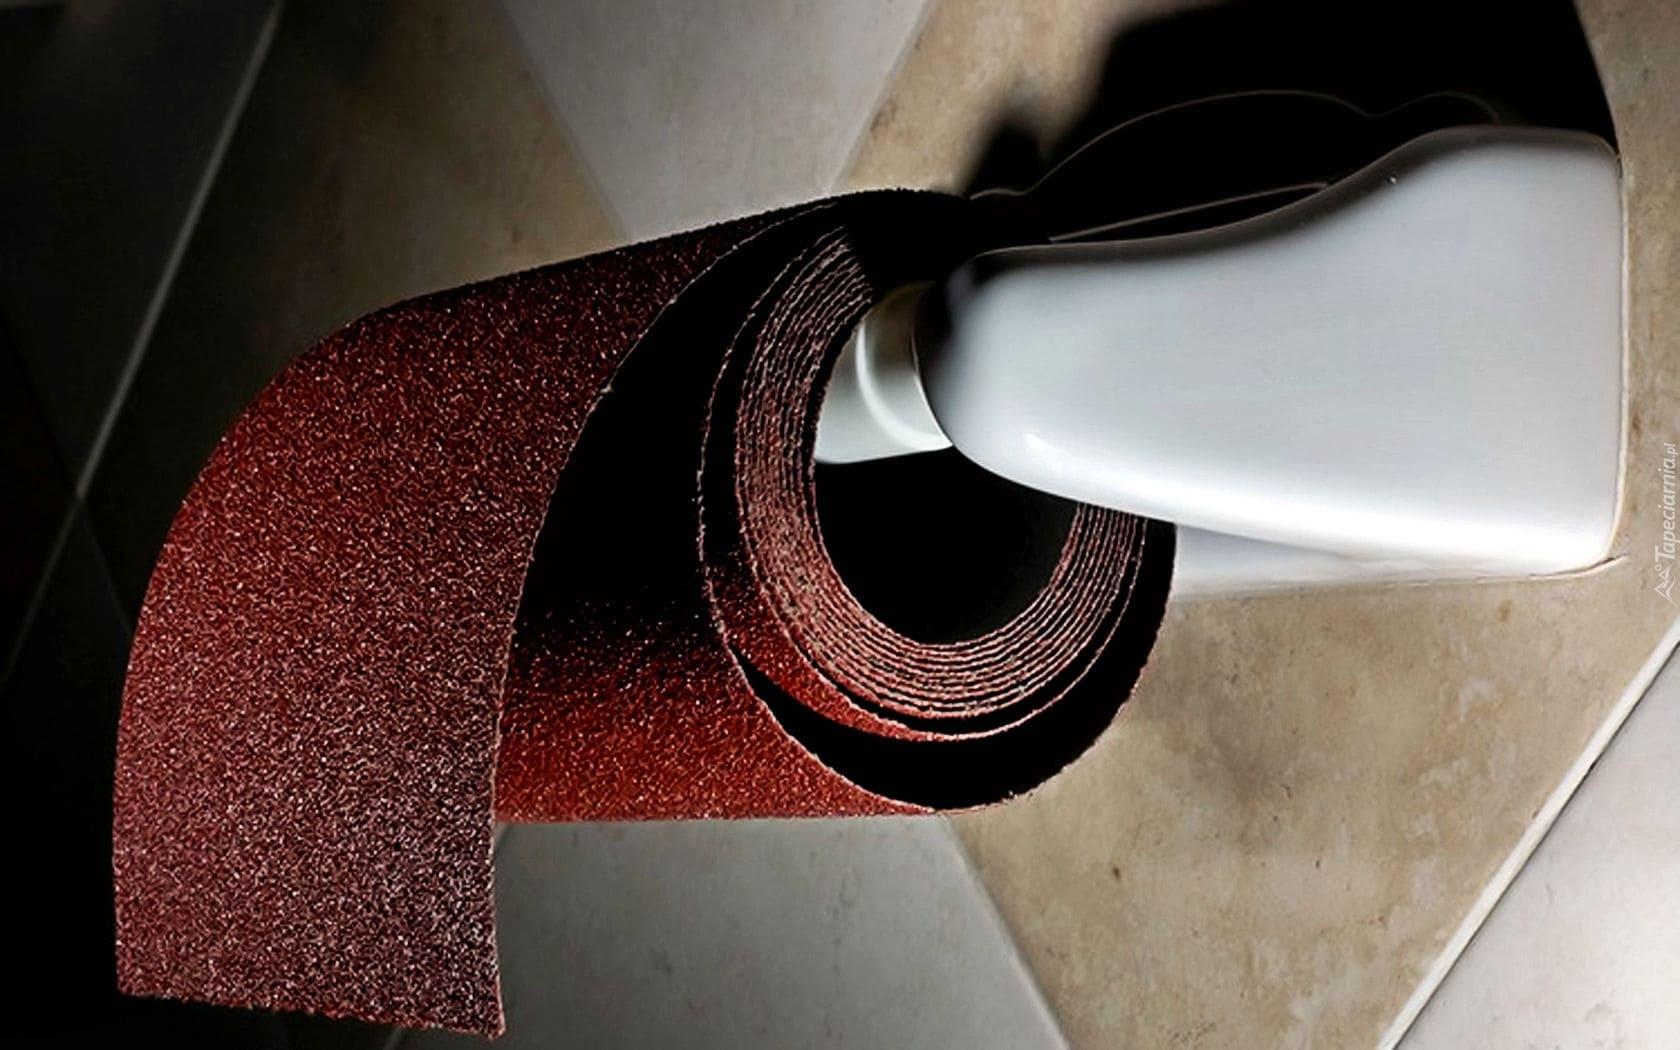 Декоративная штукатурка - лучшие красивые варианты отделки стен в интерьере 069